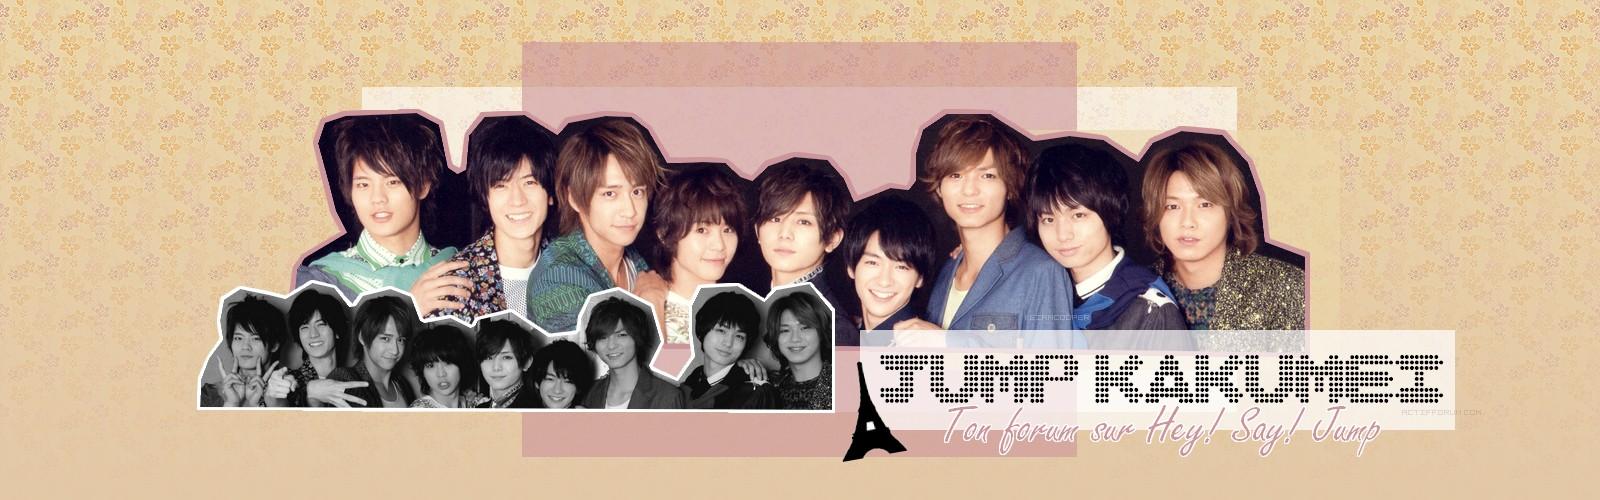 Design de JUMPKakumei Header10